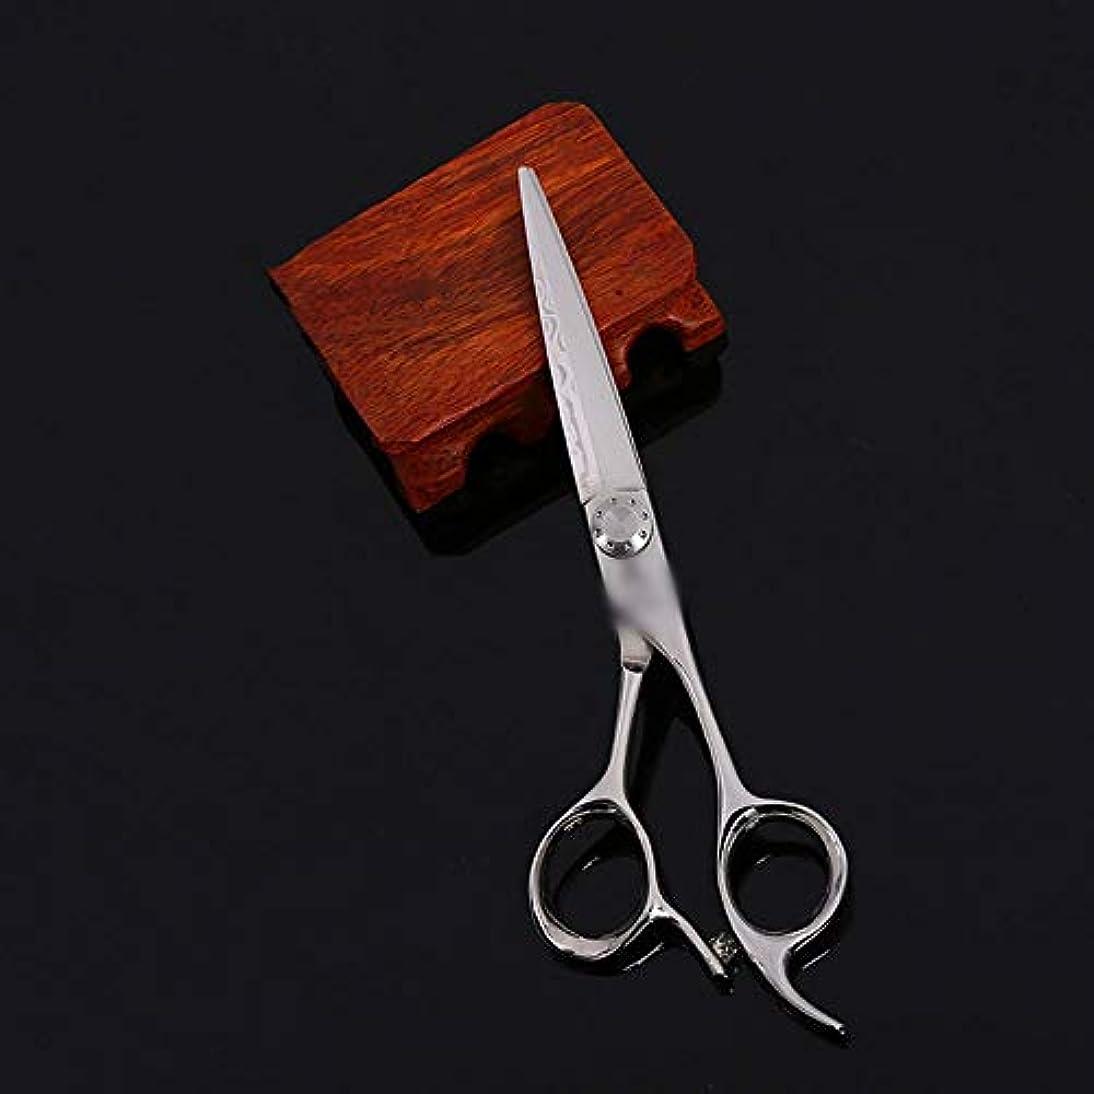 ニコチン首尾一貫したルビーGoodsok-jp 6インチの美容師プロフェッショナルハイエンド理髪はさみ、柳はさみフラットはさみ歯はさみセット (色 : Silver)